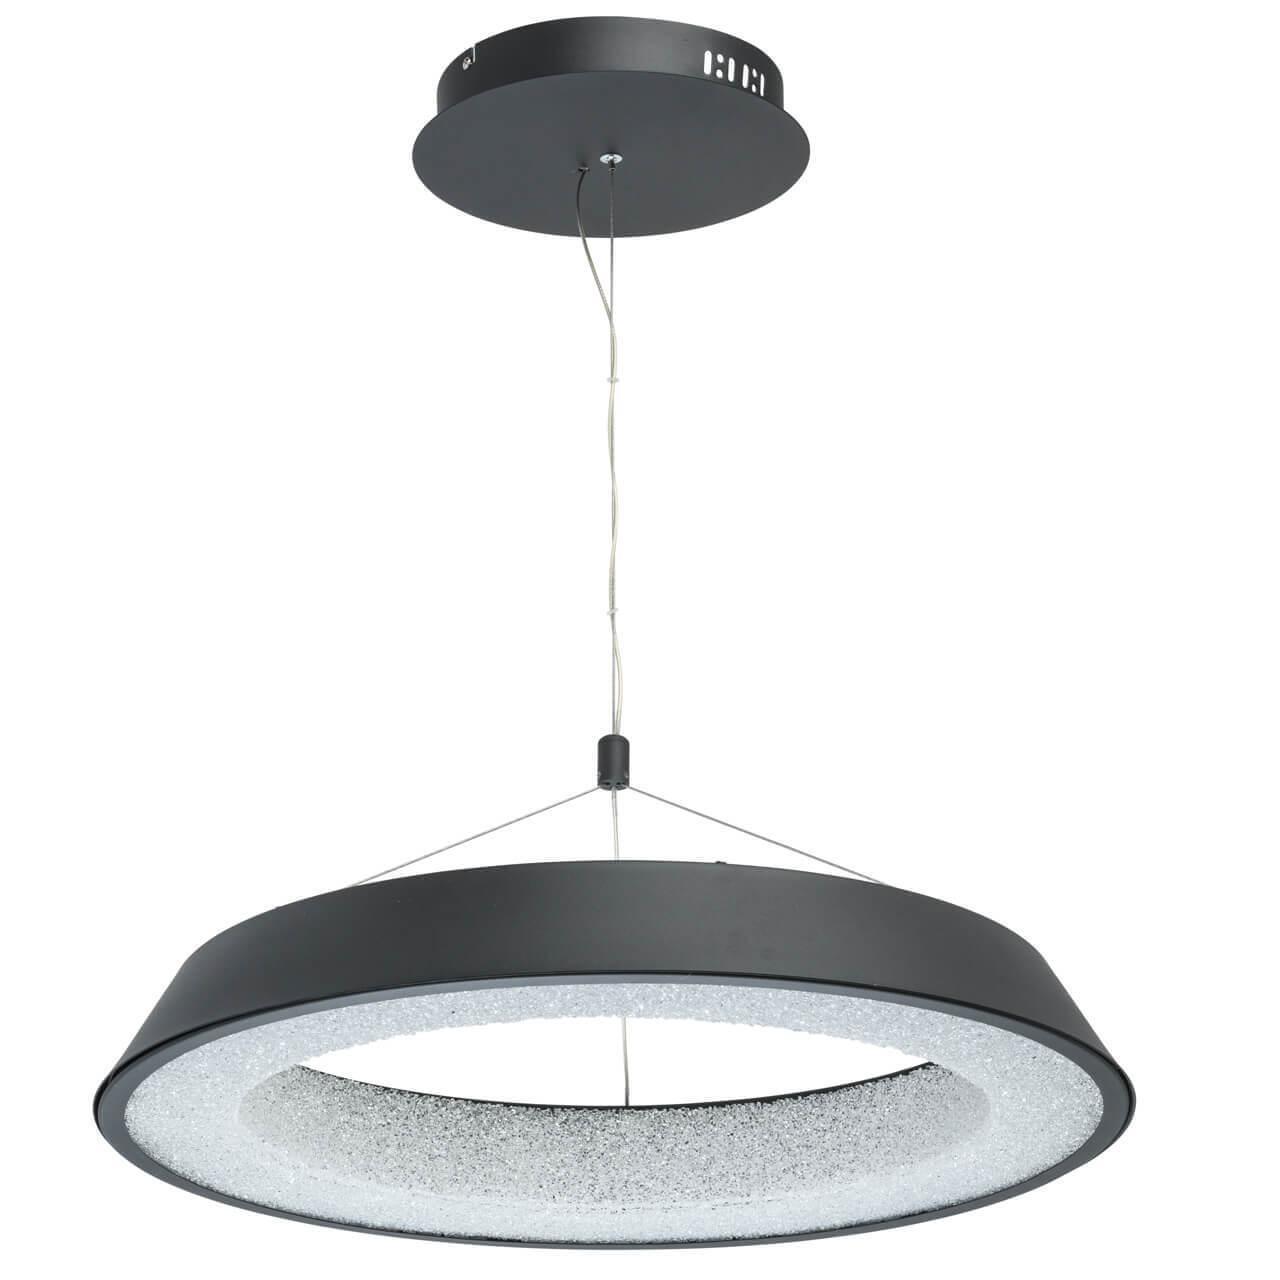 Подвесной светильник De Markt 703010901, LED, 40 Вт regenbogen life подвесной светильник перегрина